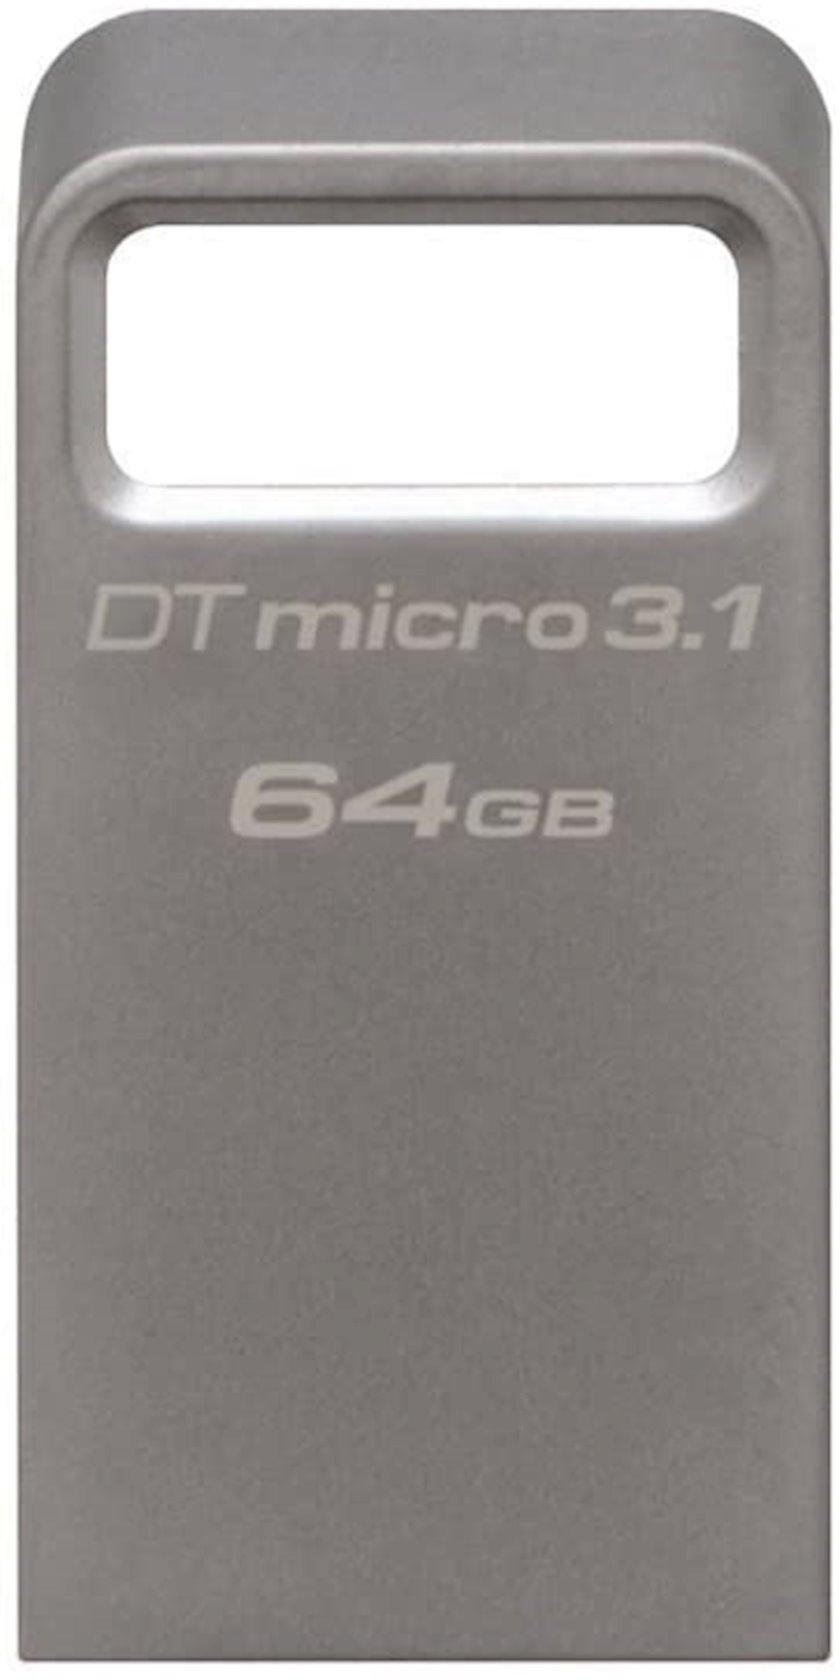 Fleş Kingston Data Traveler DTMC3 Micro 3.1 64 Gb